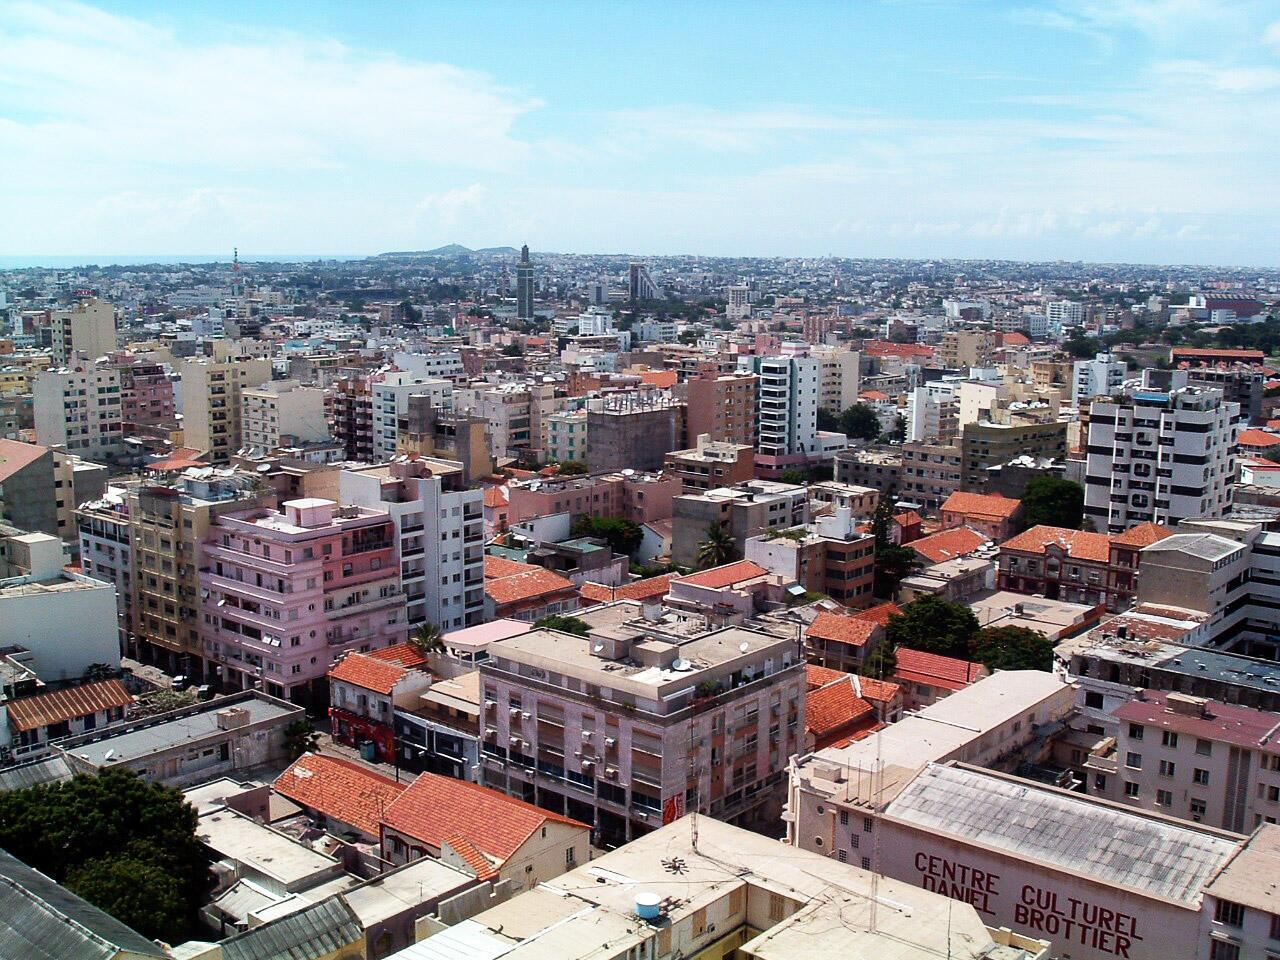 Une vue de Dakar, ville où ont lieu les deuxièmes rencontres du marché des titres publics de l'UEMOA. (image d'illustration)